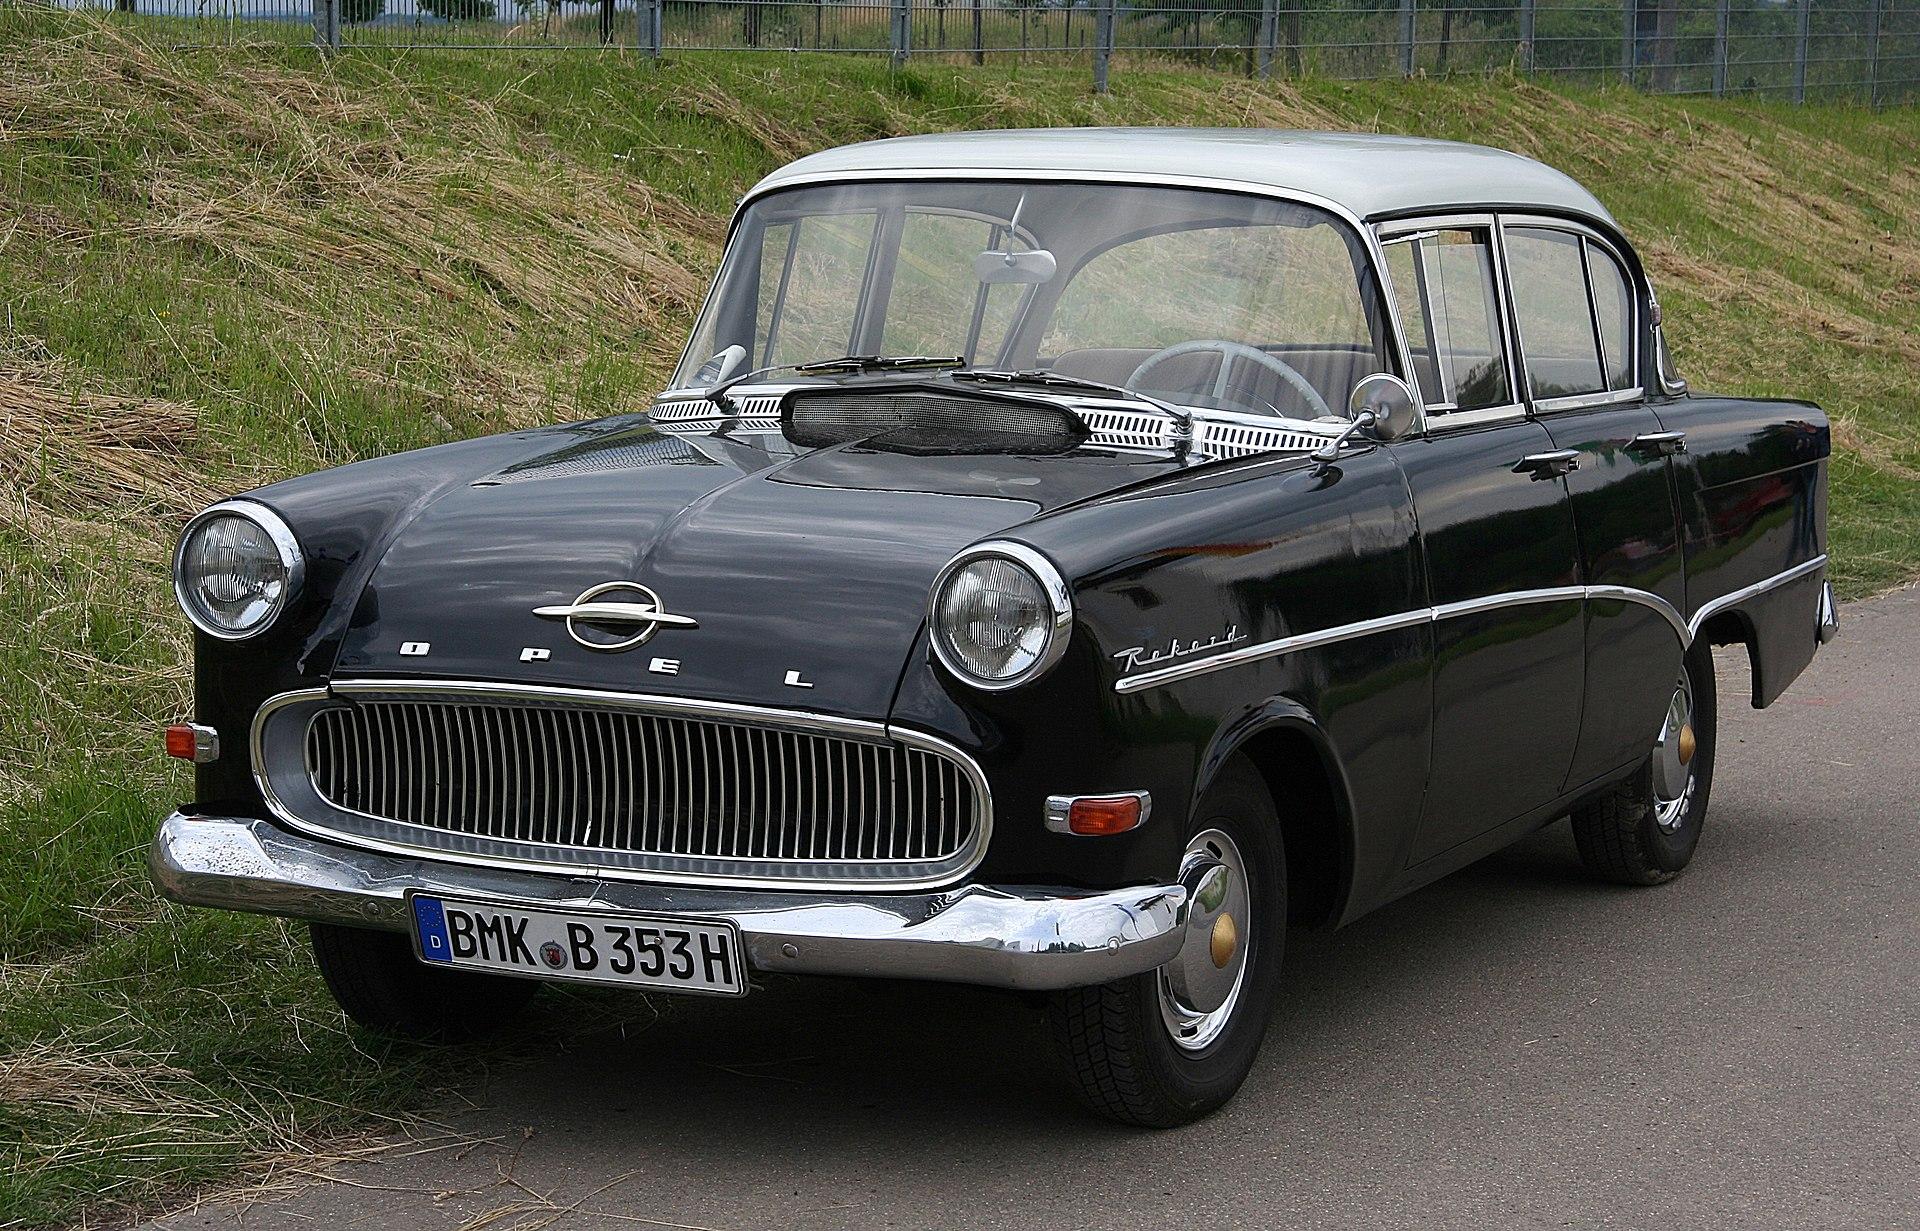 1920px-Opel_Rekord_1700_P1_%282008-06-14%29_ret.jpg